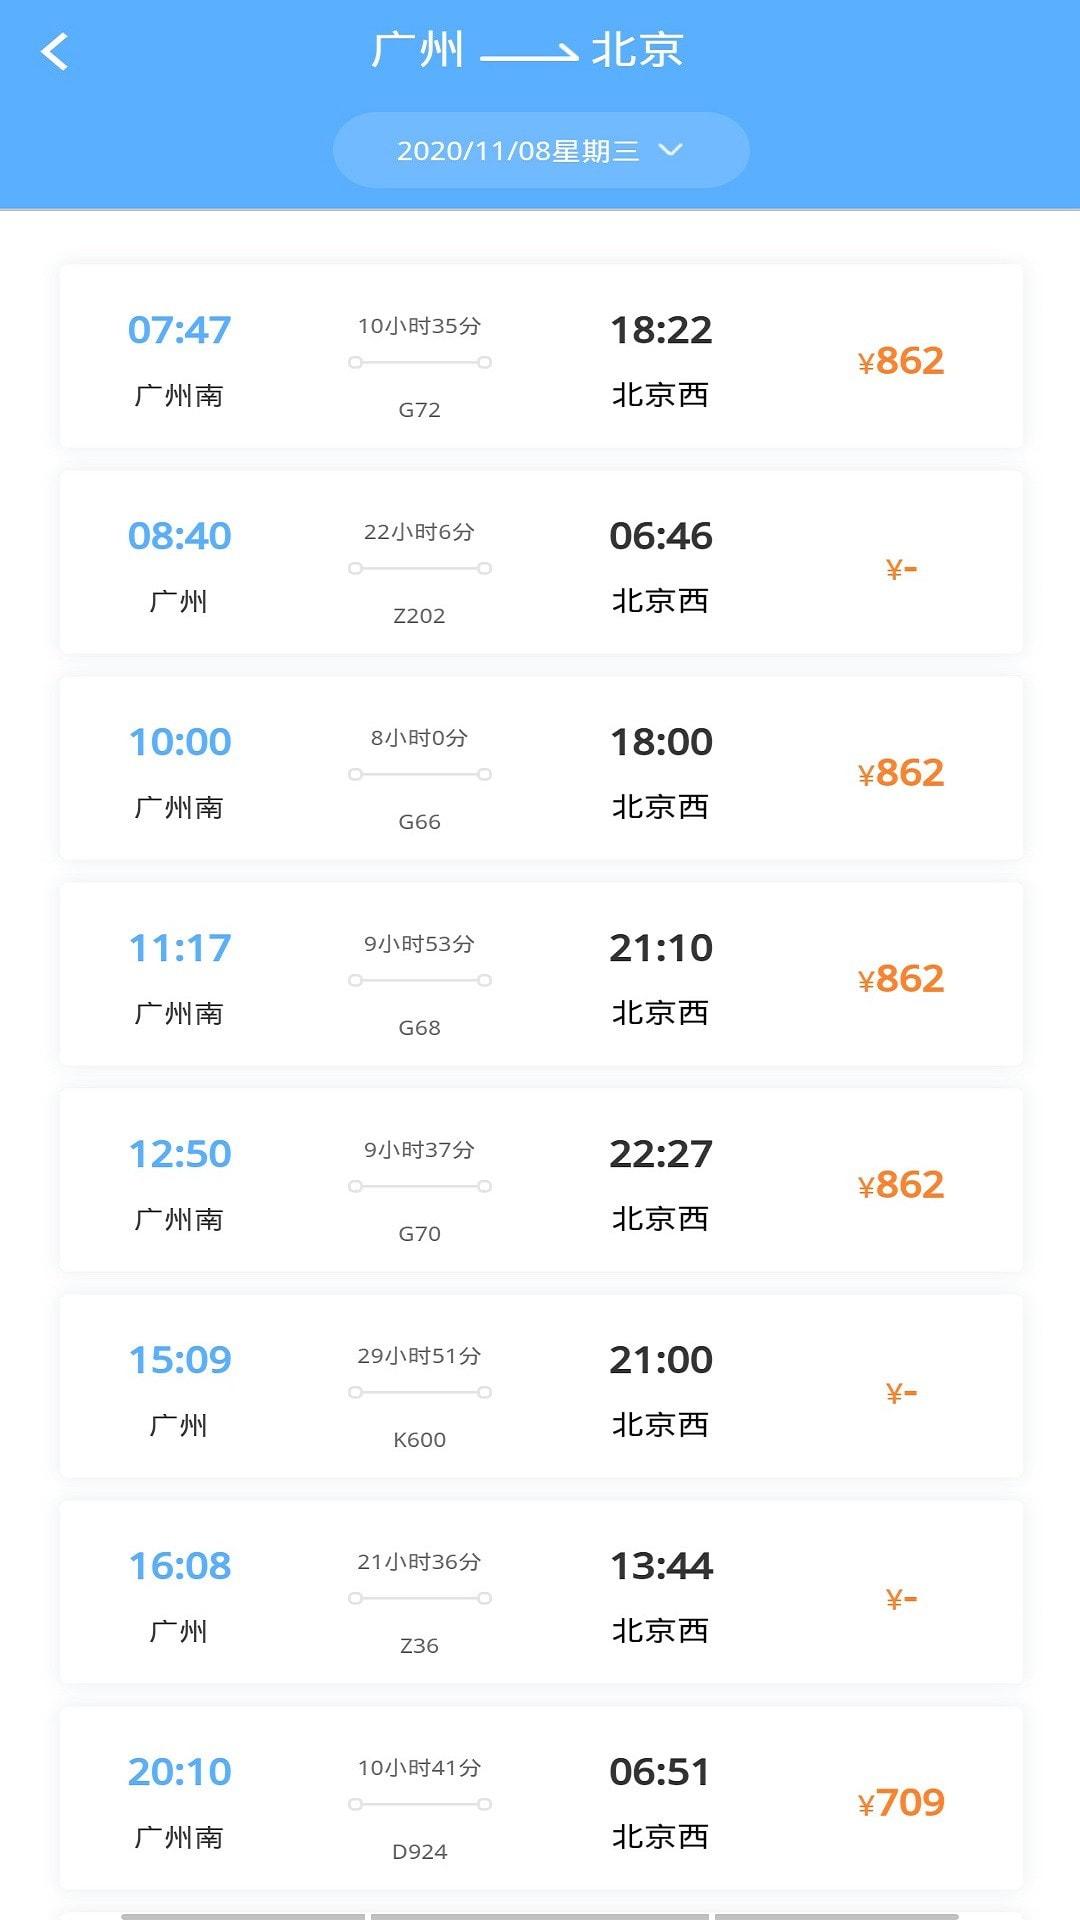 旅行时刻表APP